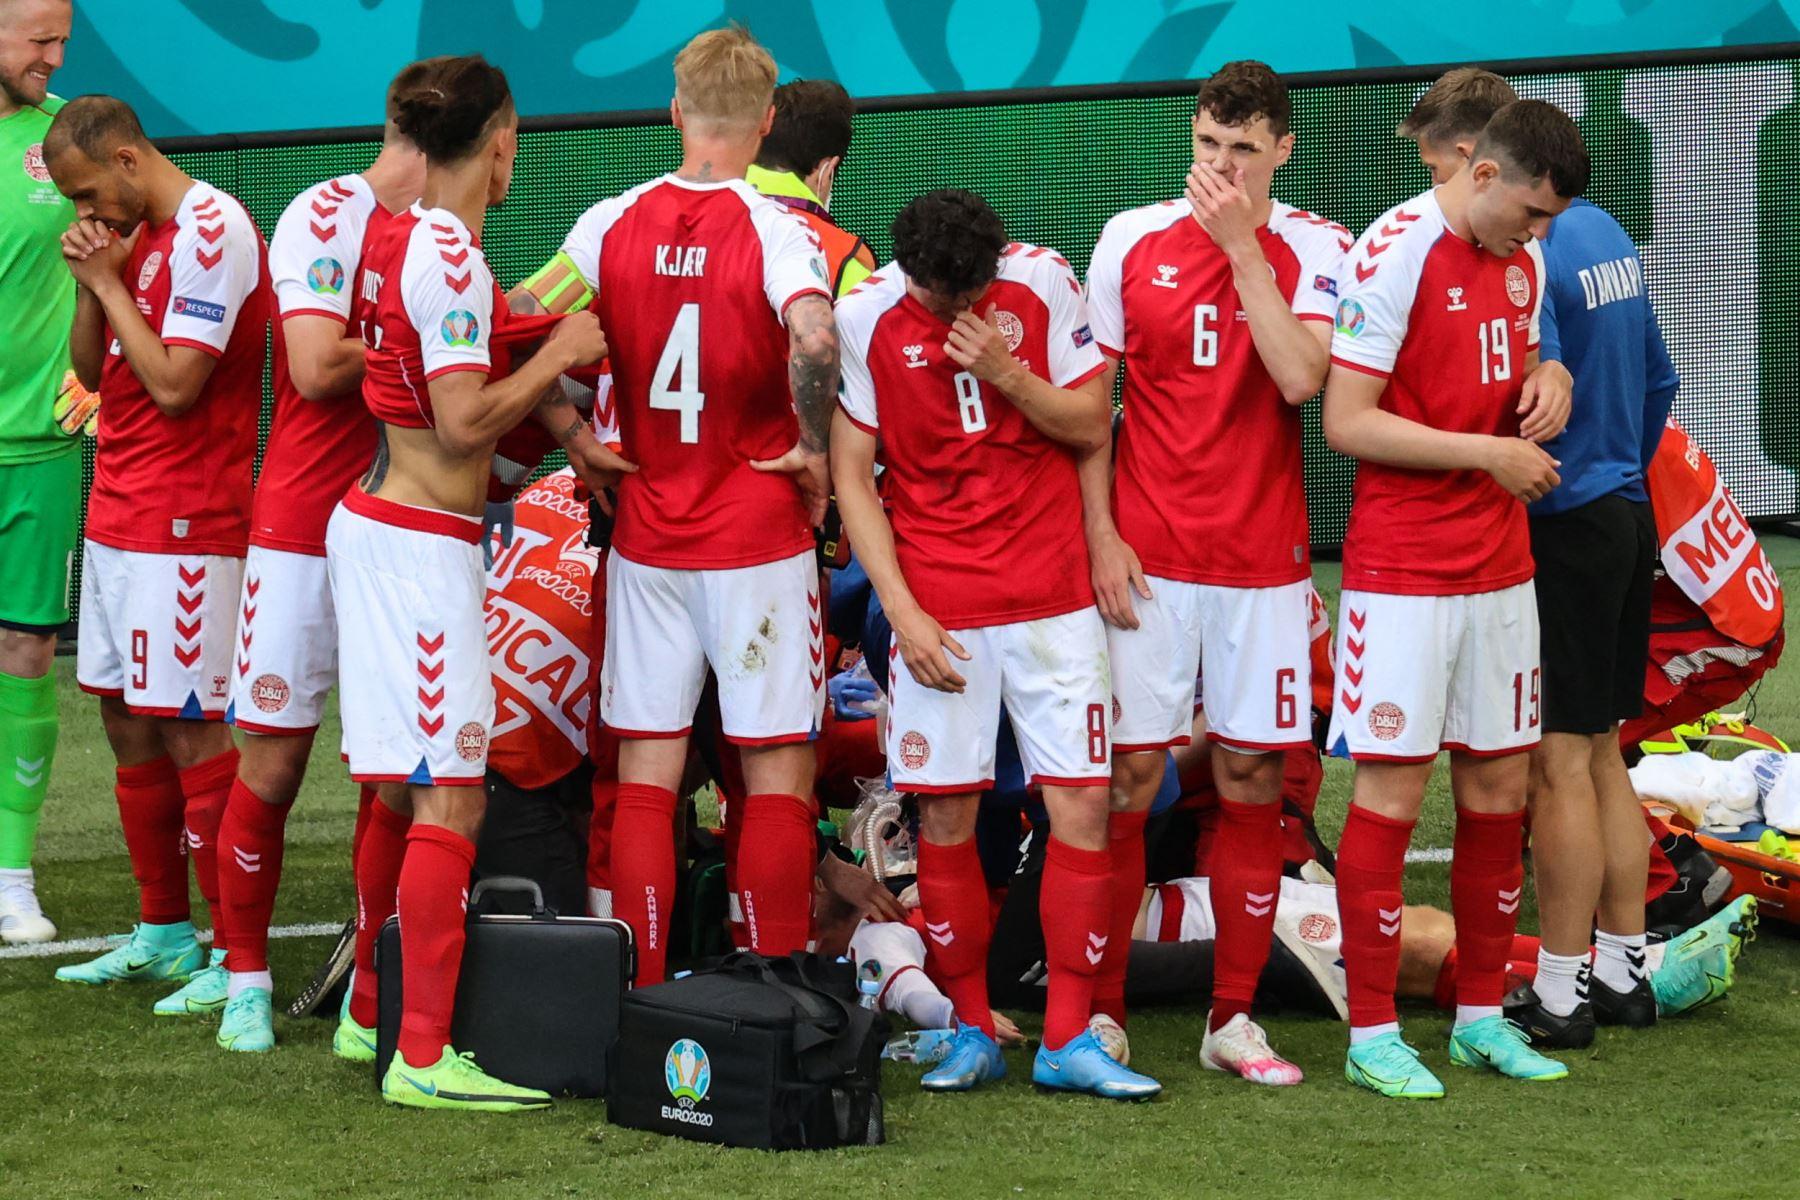 Los jugadores de Dinamarca se reúnen mientras los paramédicos atienden al mediocampista Christian Eriksen durante el partido de fútbol del Grupo B de la UEFA EURO 2020 entre Dinamarca y Finlandia en el Estadio Parken en Copenhague. Foto: AFP